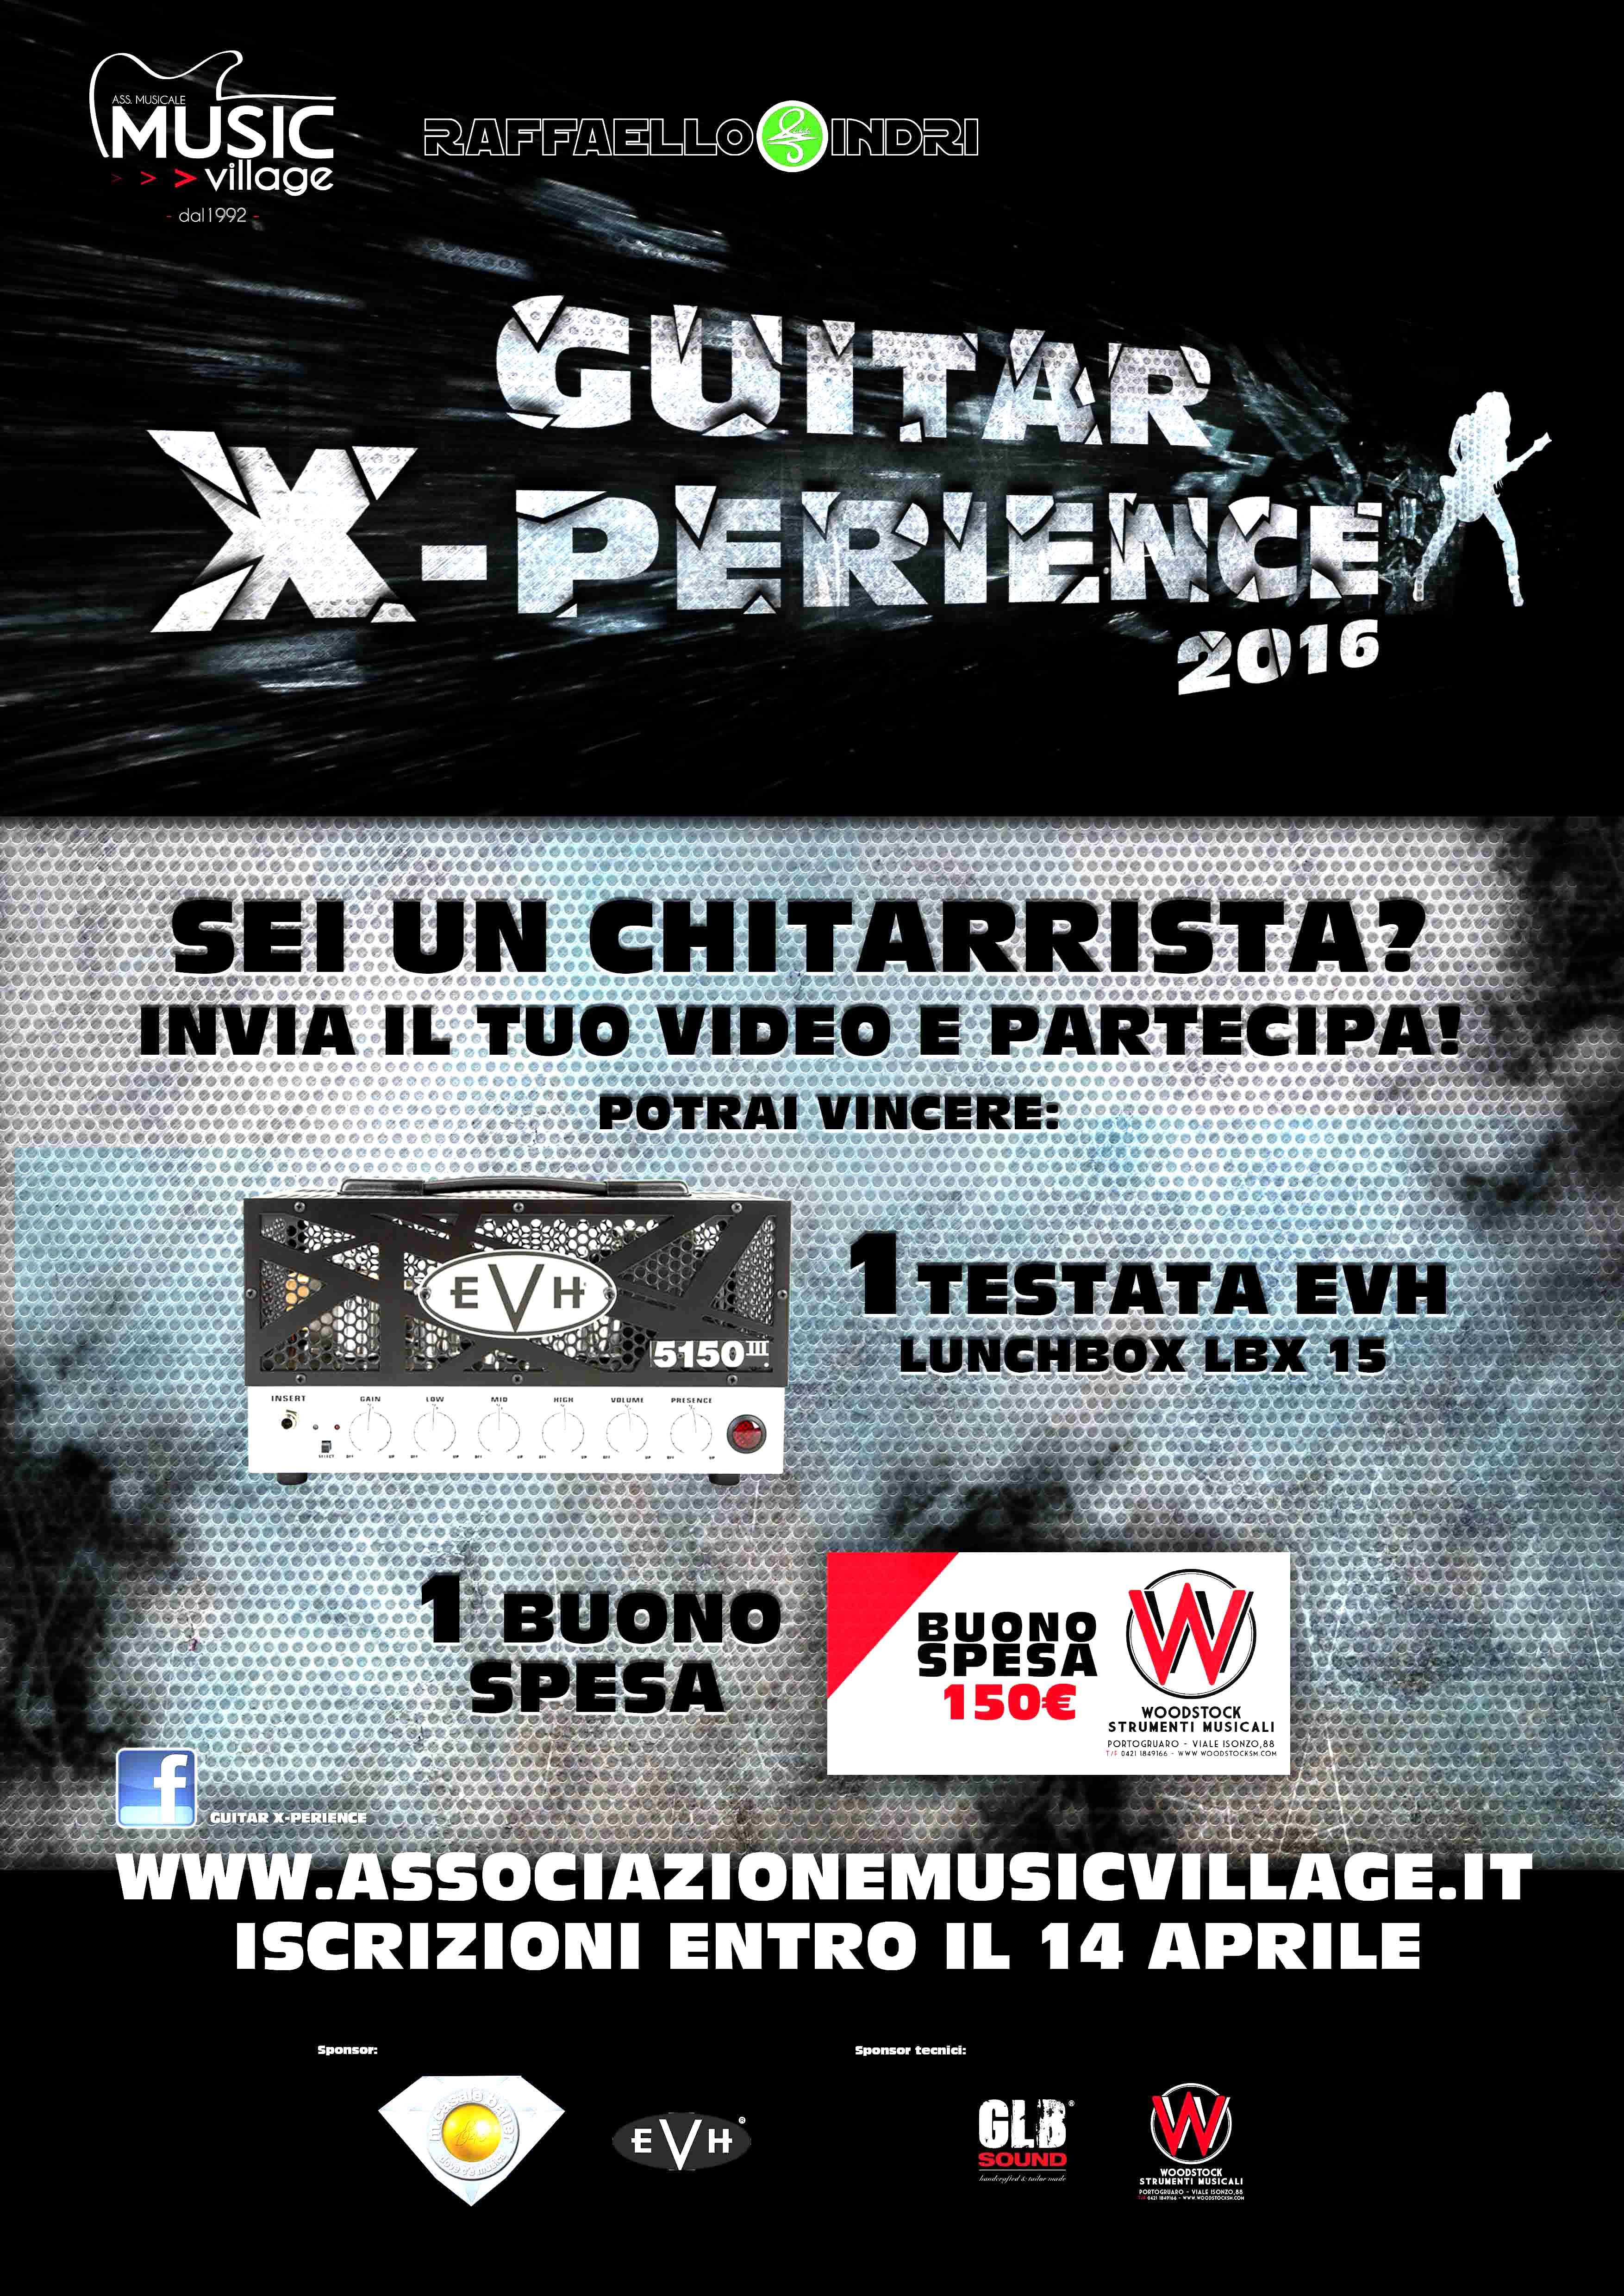 Guitar-X-perience_2016_A3